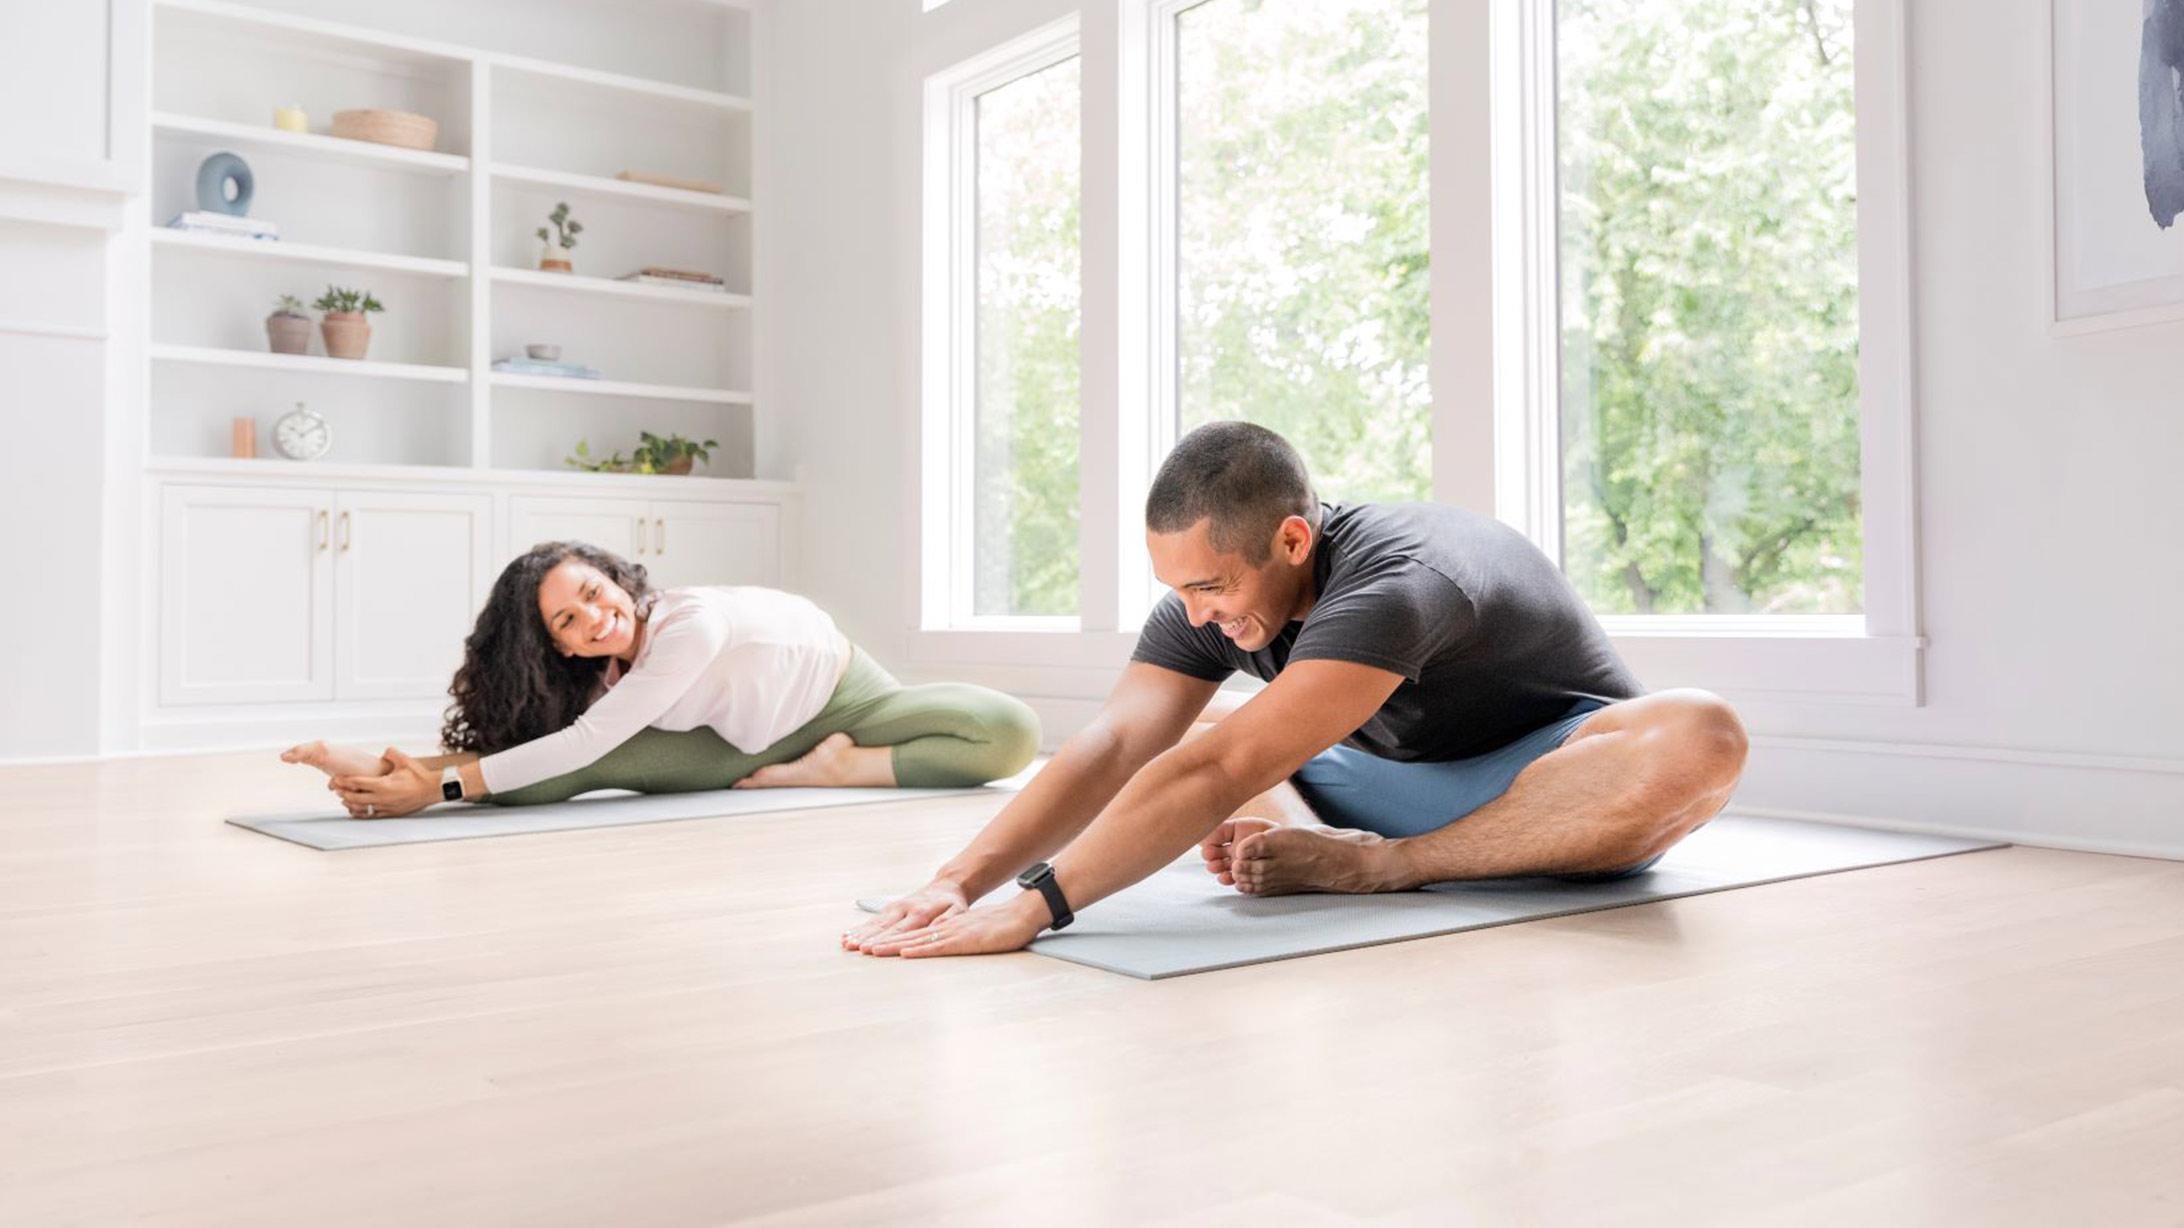 Ein Mann und eine Frau mit Venu Sq Music Smartwatch machen Dehnübungen auf Yogamatten.